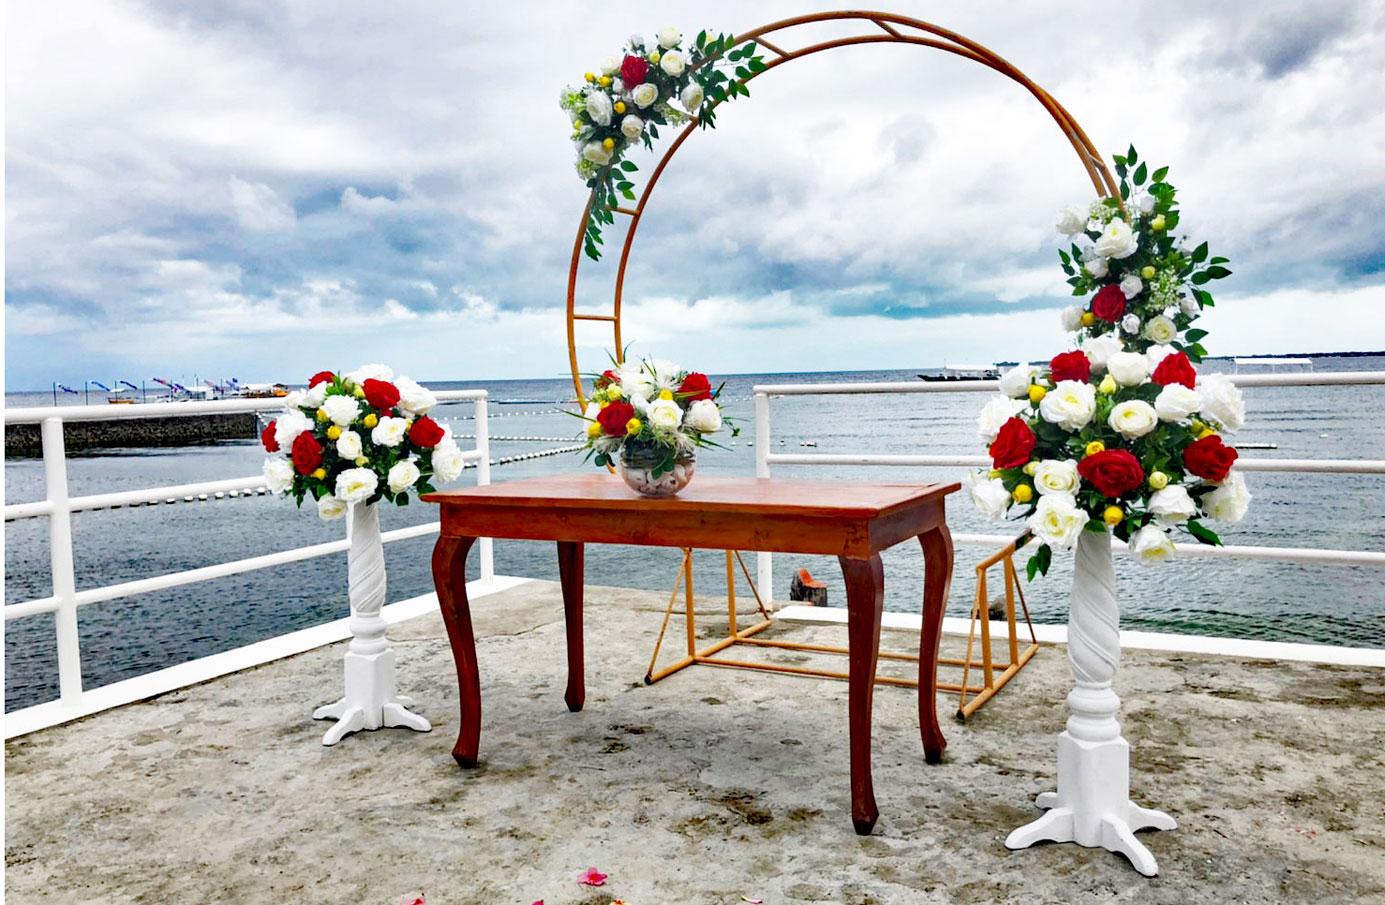 cebu-wedding-aozora-(2)